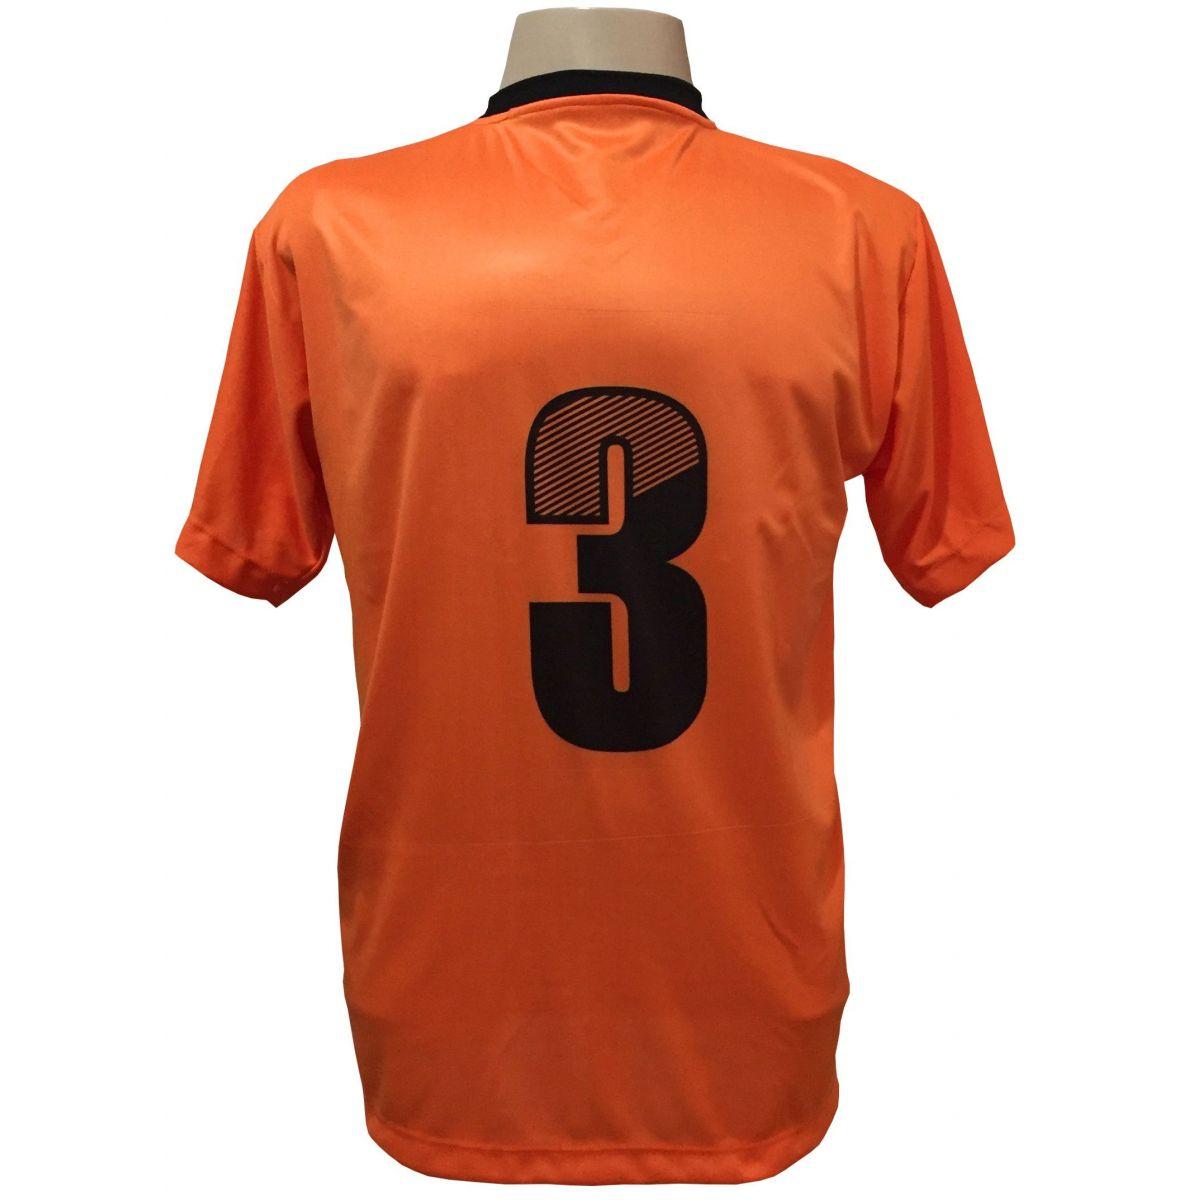 Jogo de Camisa com 18 unidades modelo Roma Laranja/Preto